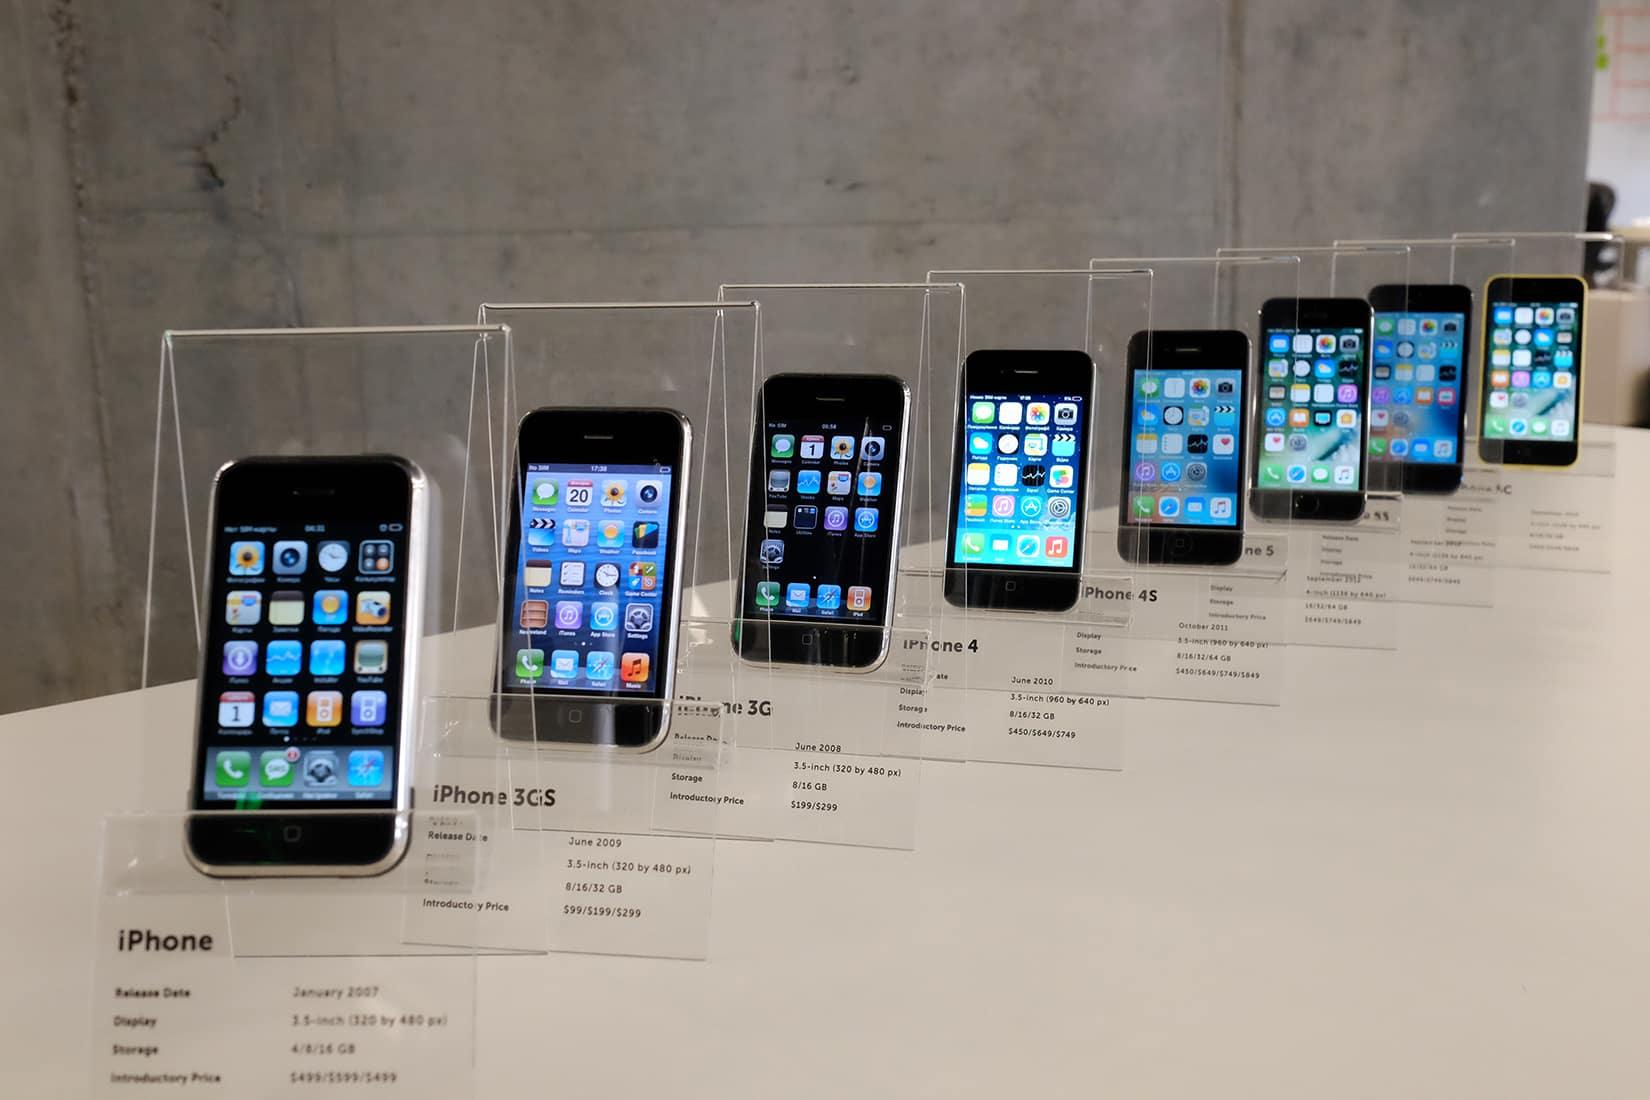 iPhones at MacPaw museum